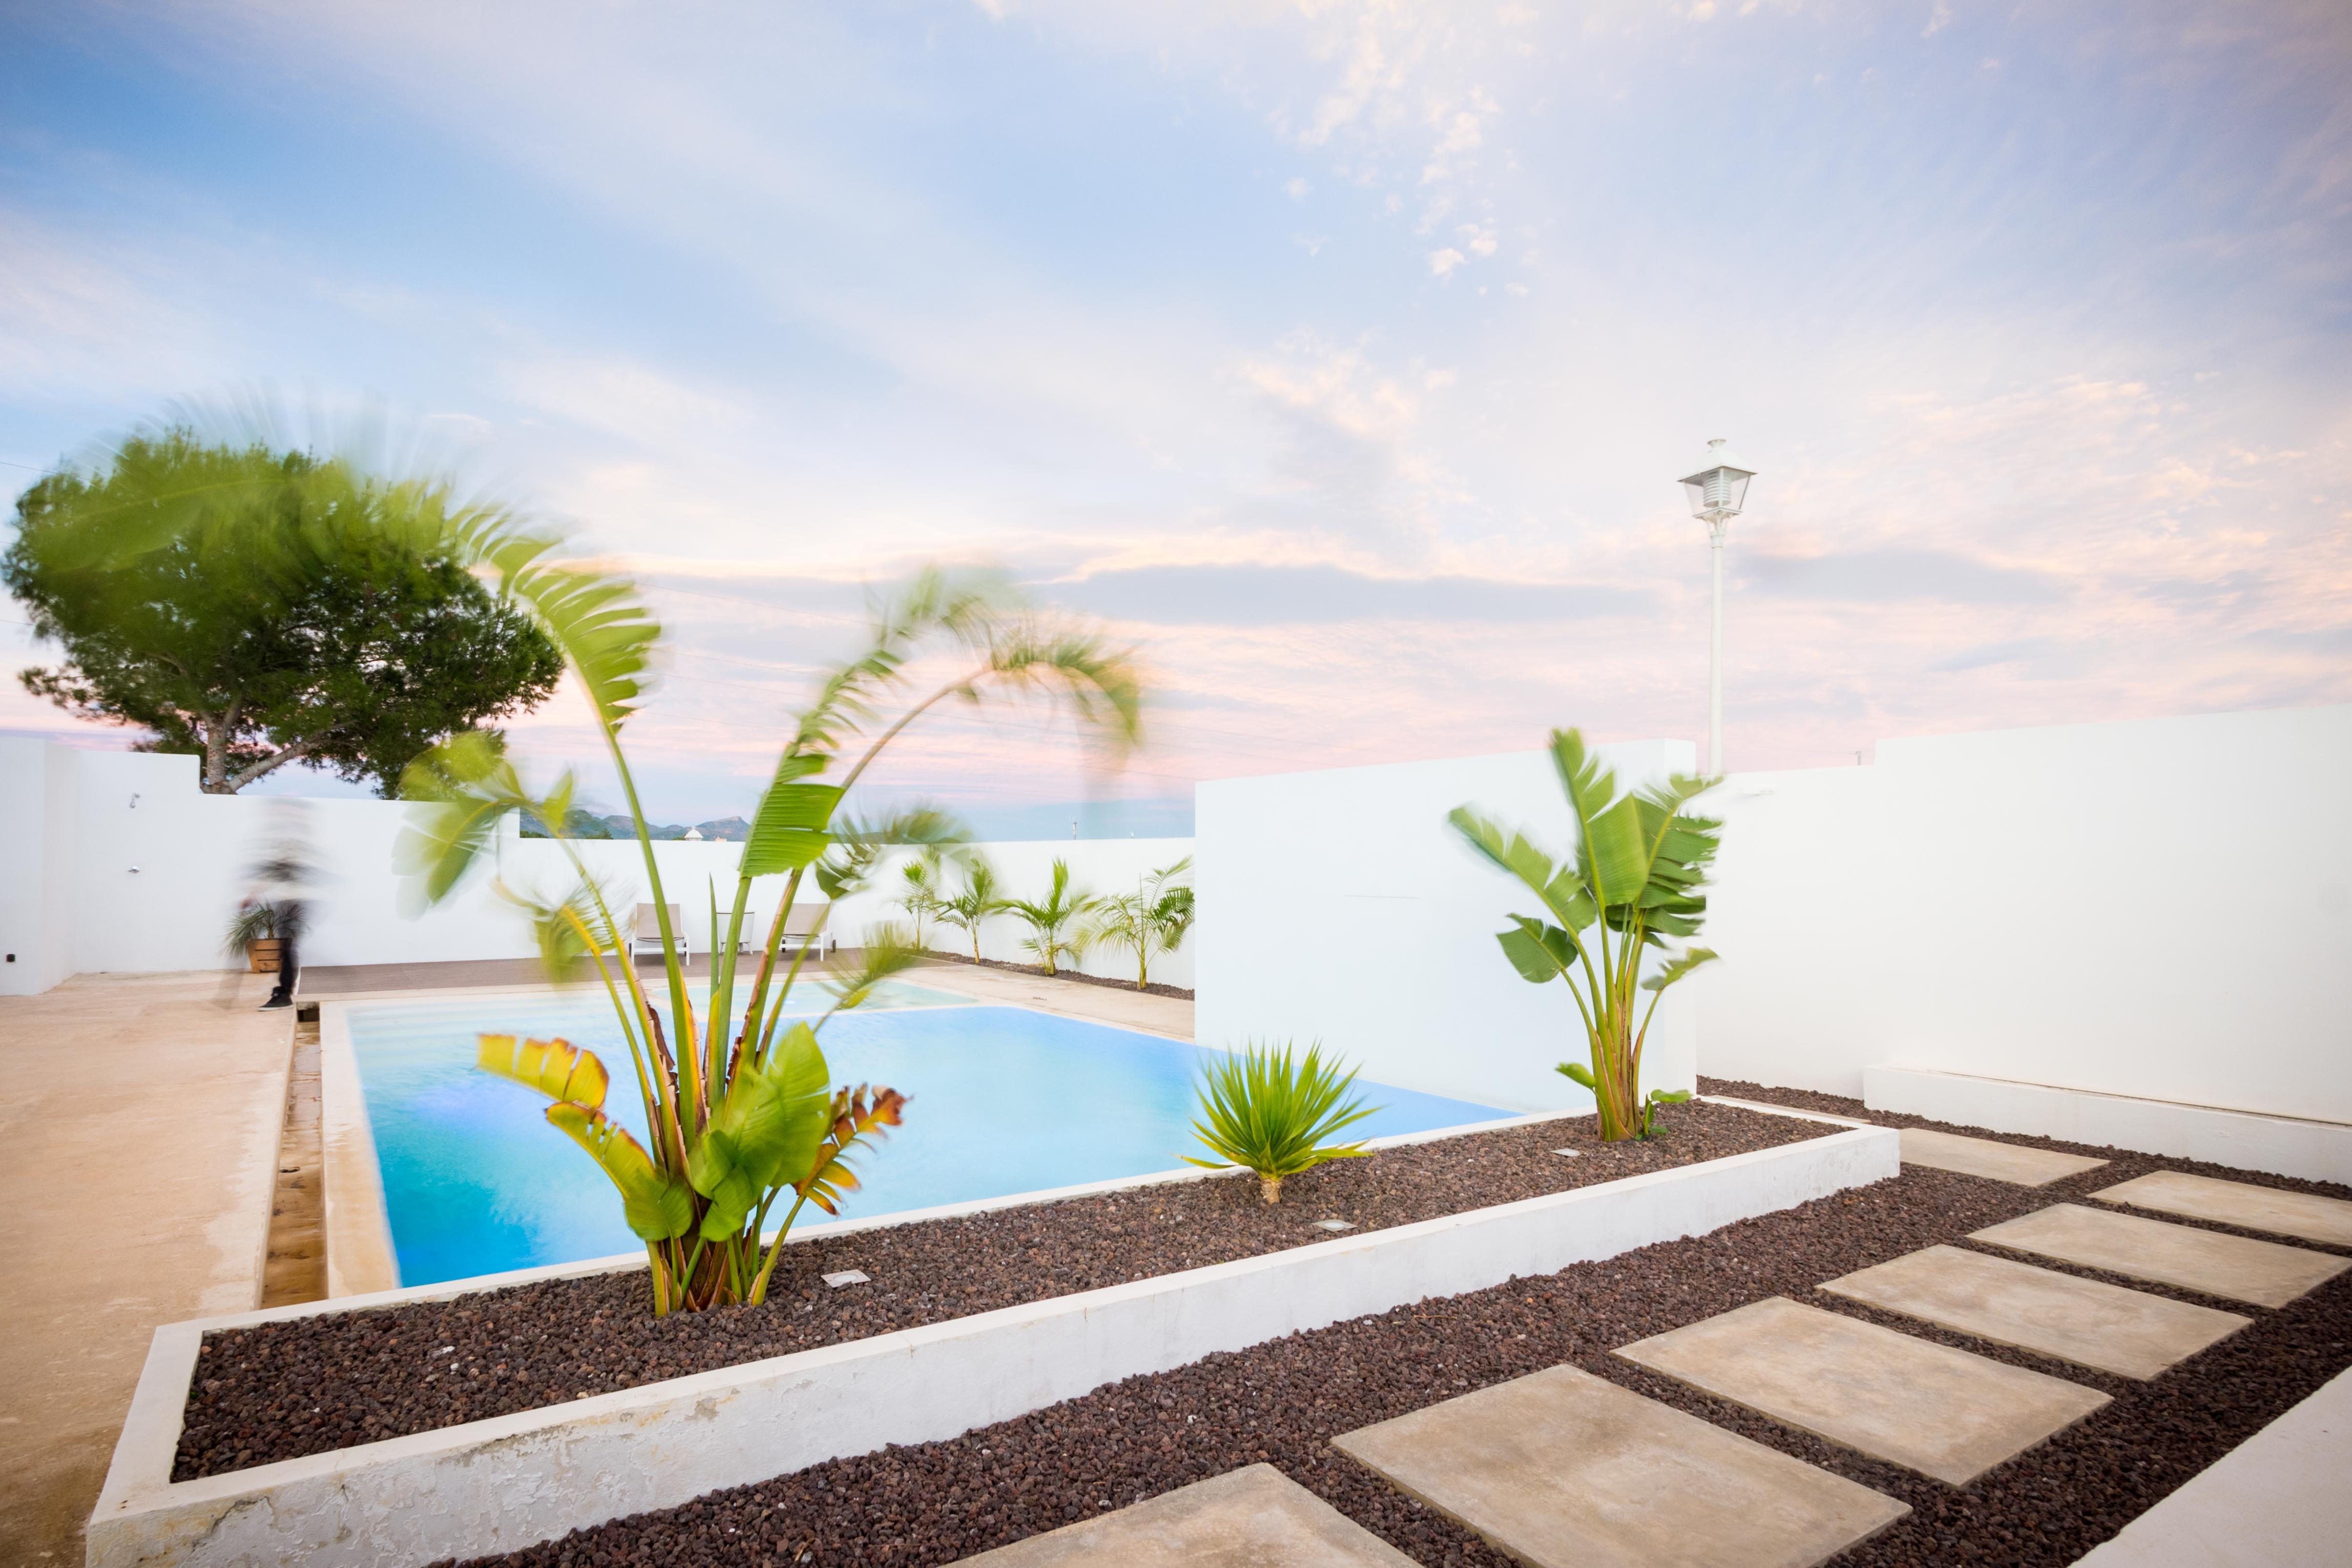 Piscina con jardinera en vivienda mediterranea. Chiralt arquitectos Valencia.